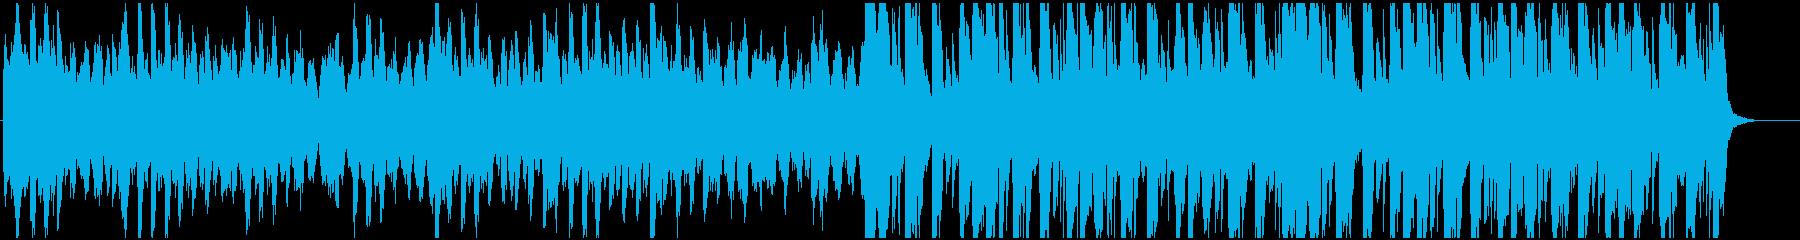 ハロウィン、ほんのり不気味ファンタジー曲の再生済みの波形